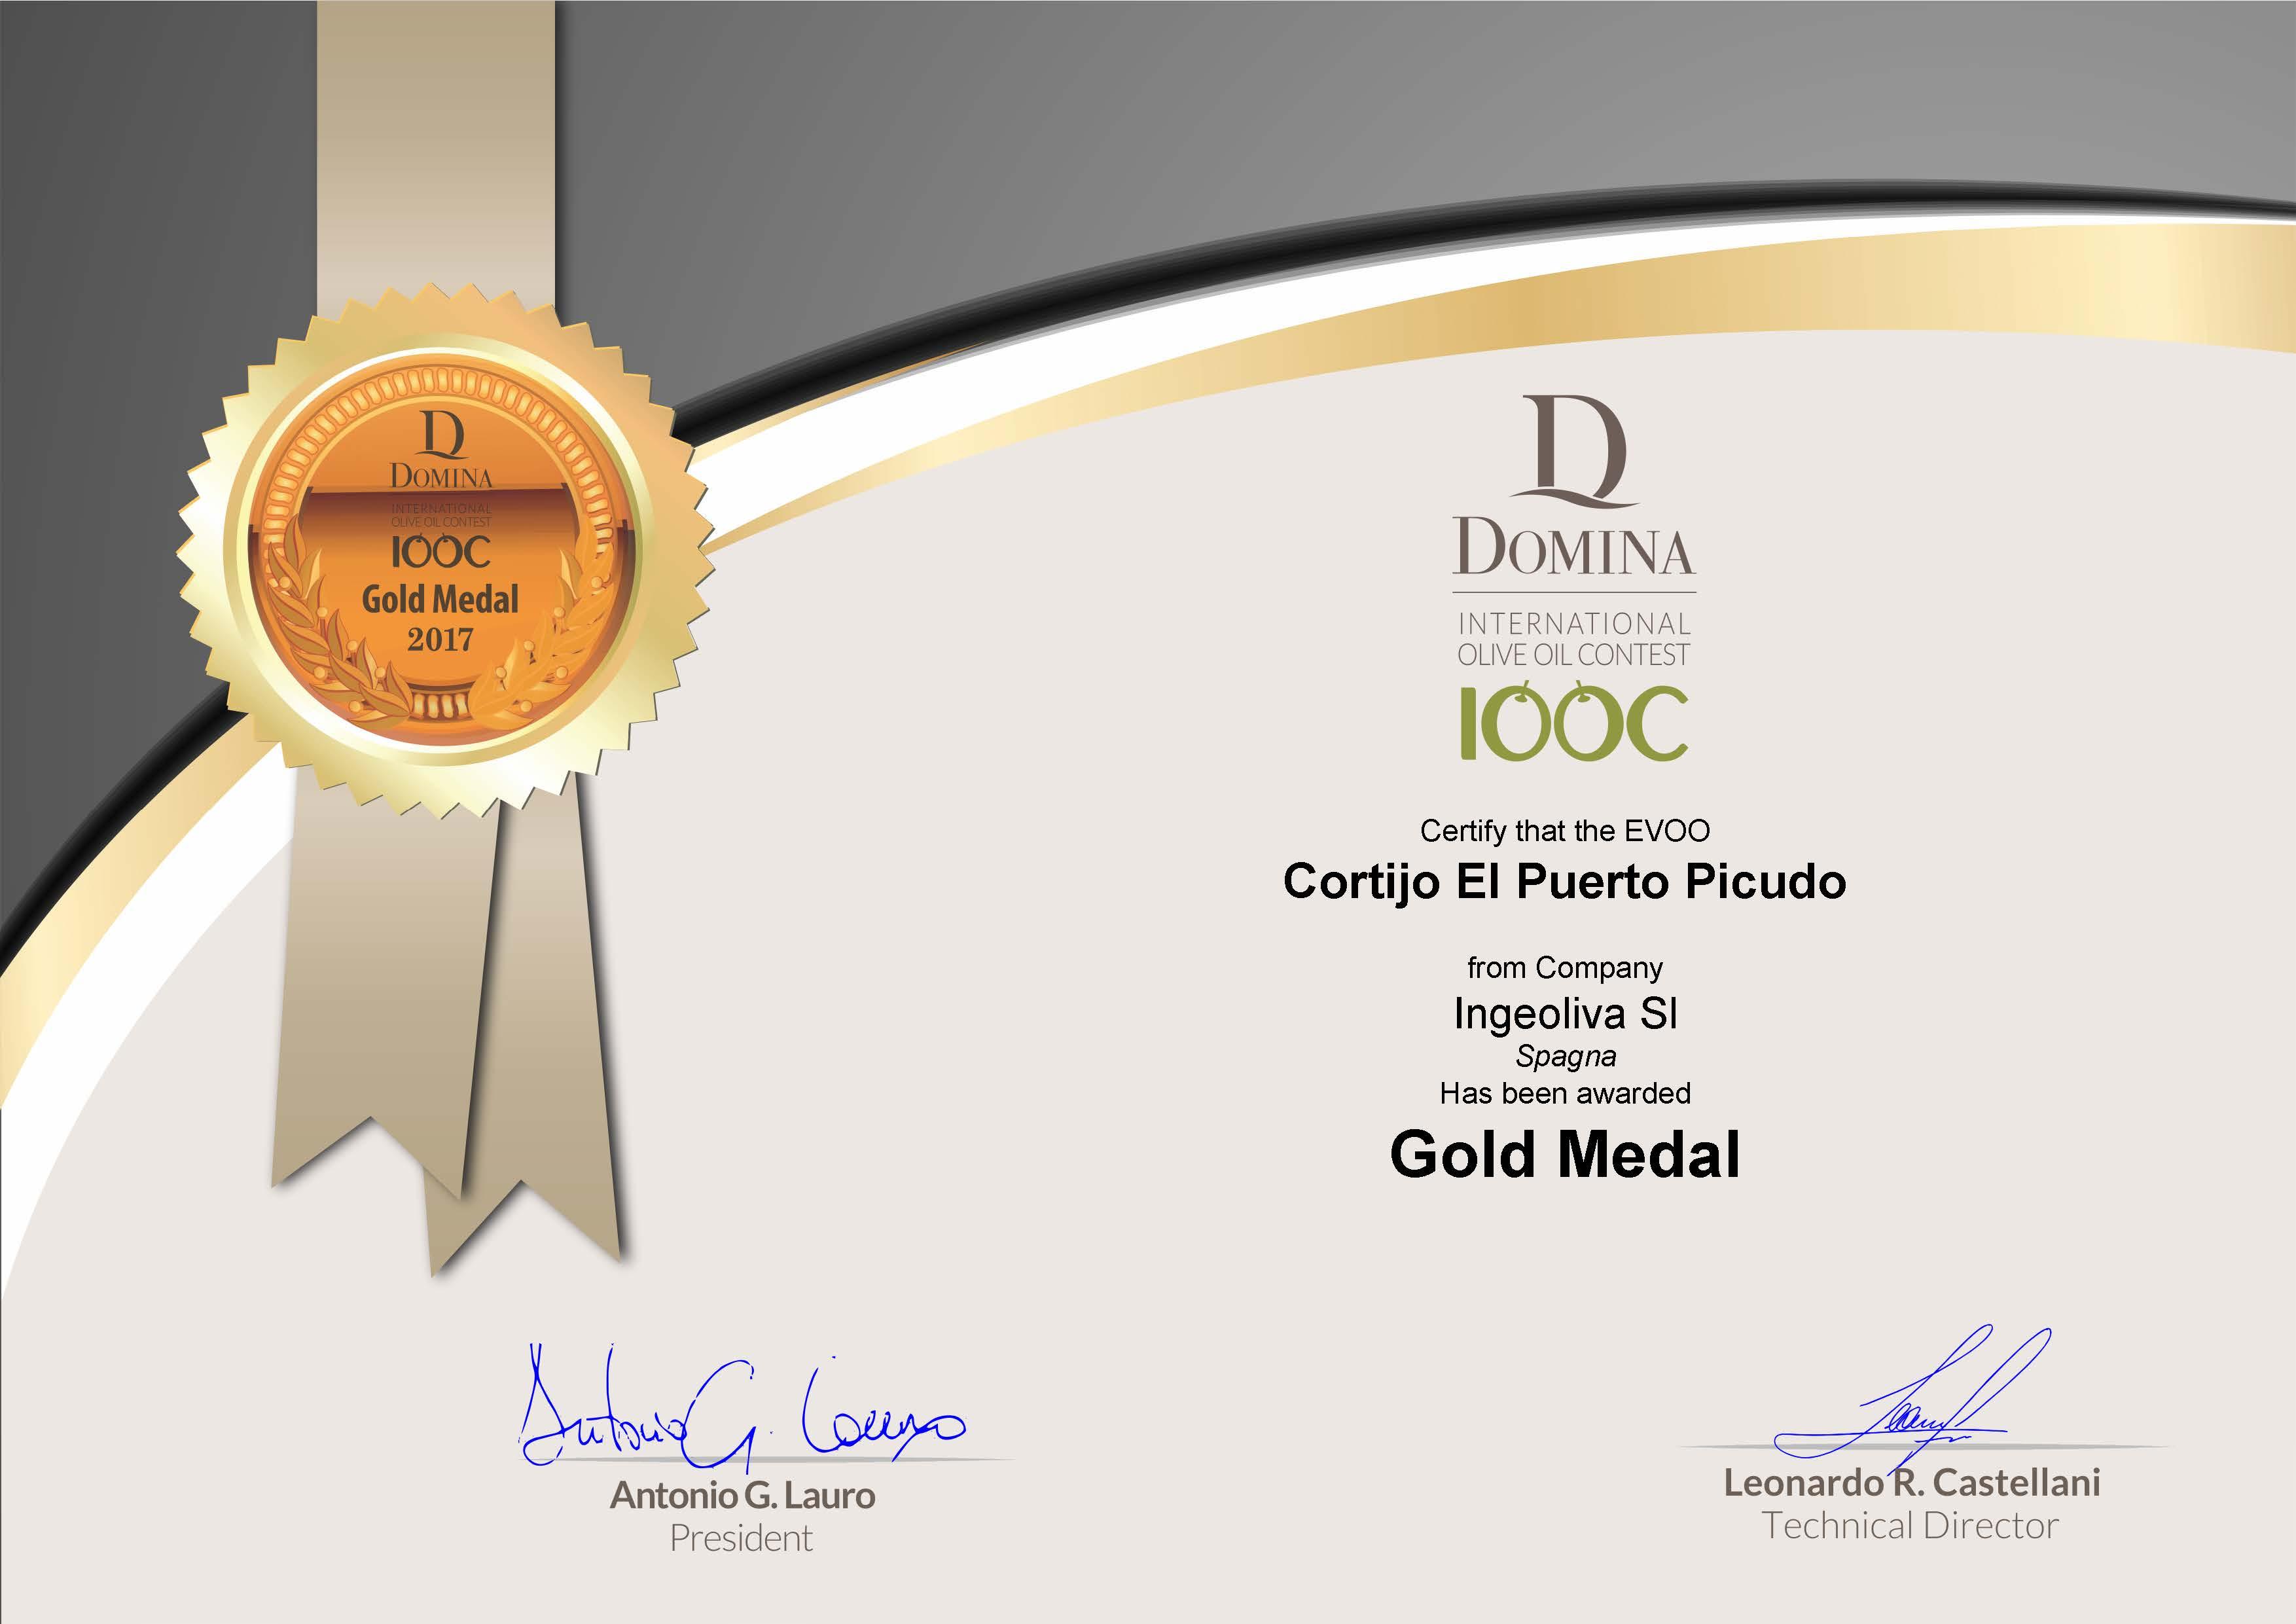 Cortijo el Puerto Picudo DOMINA DIOOC Gold Medal